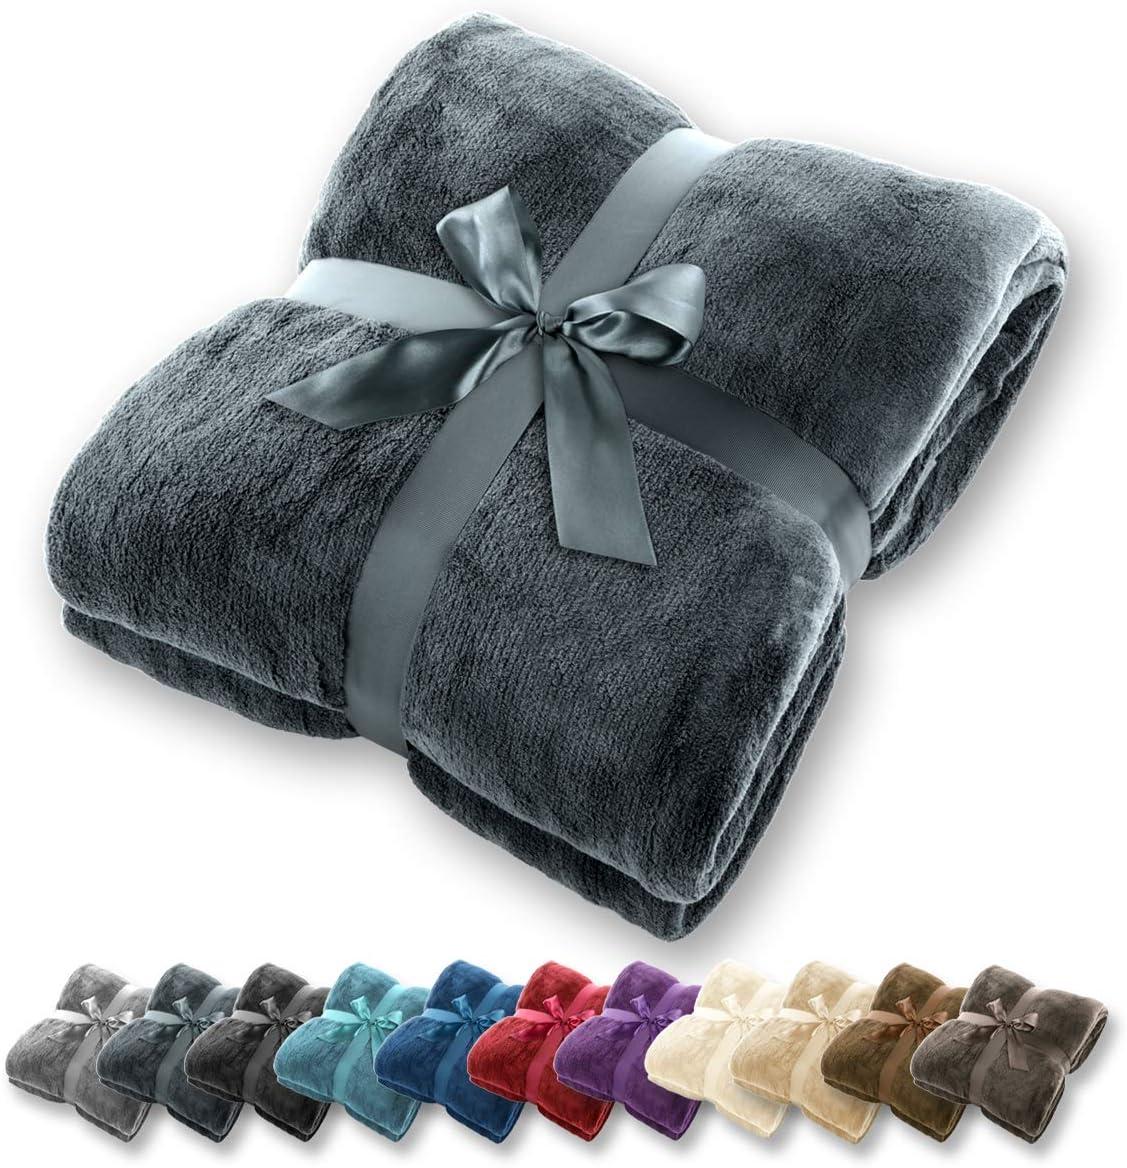 Manta Gräfenstayn® - Muchos tamaños y colores diferentes - Manta de microfibra Manta para sala de estar Manta para cama - Fibra polar de microfibra de franela (Antracita, 240x220 cm)